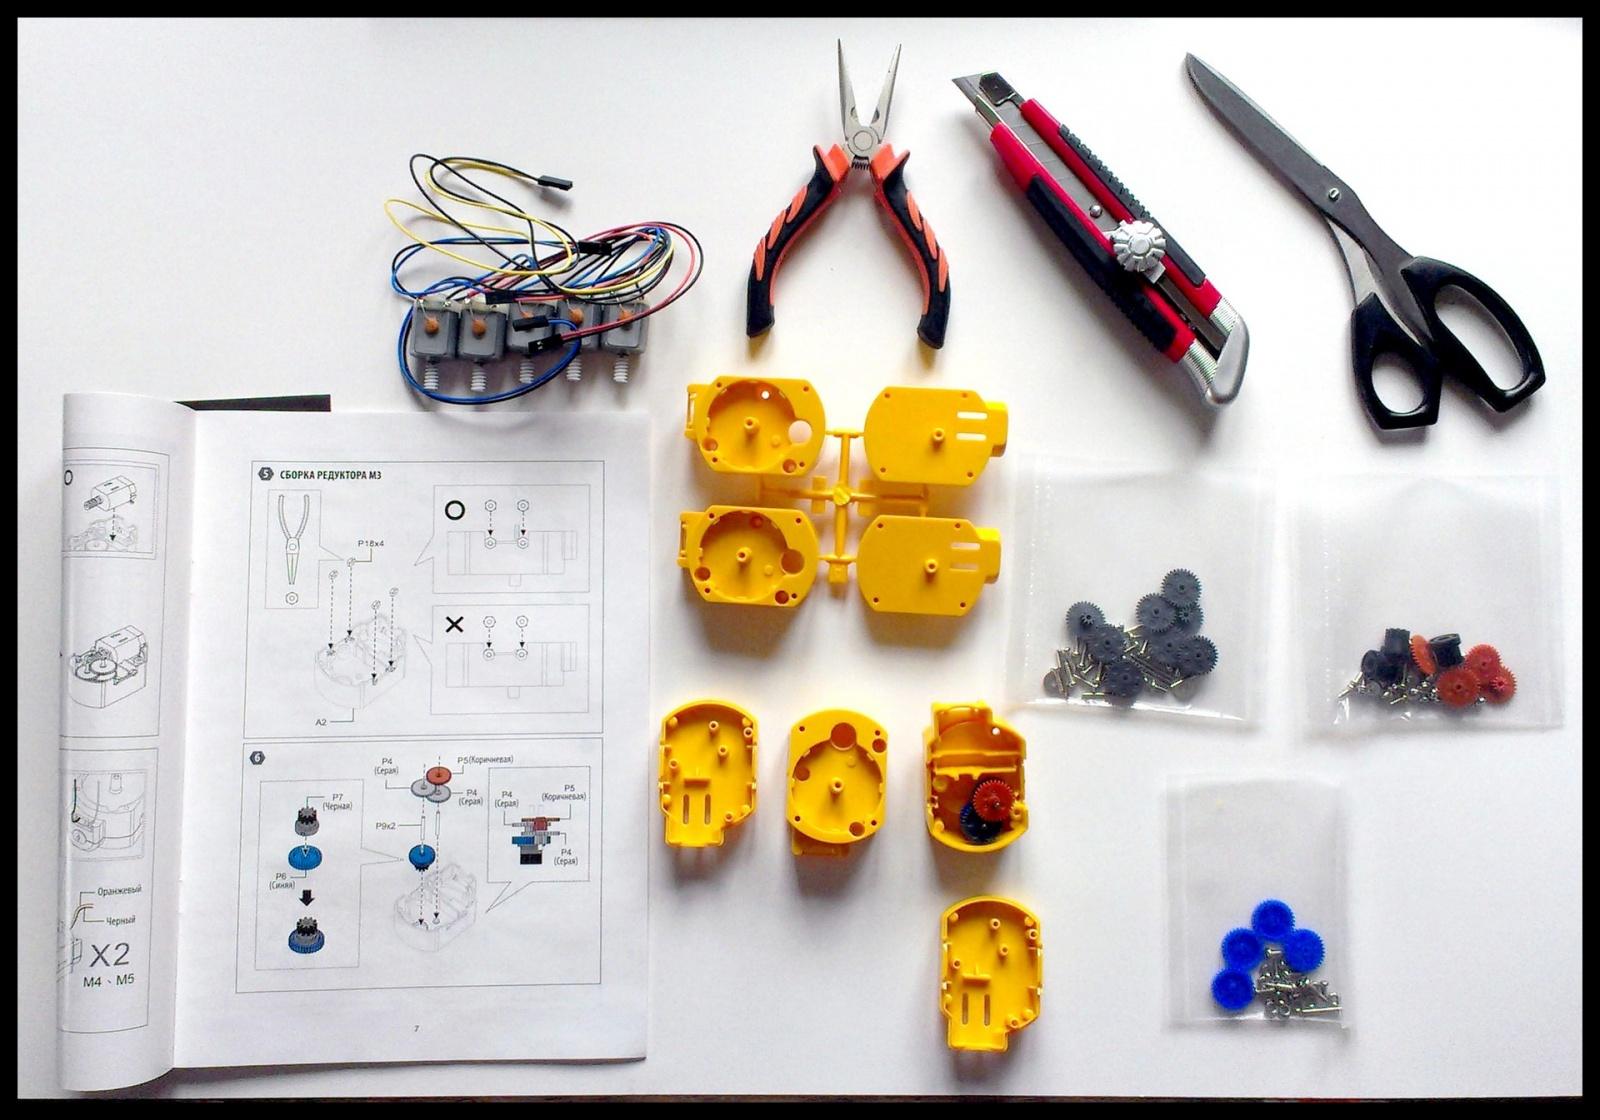 Как собрать робота своими руками за 6 часов и стать душой компании - 2